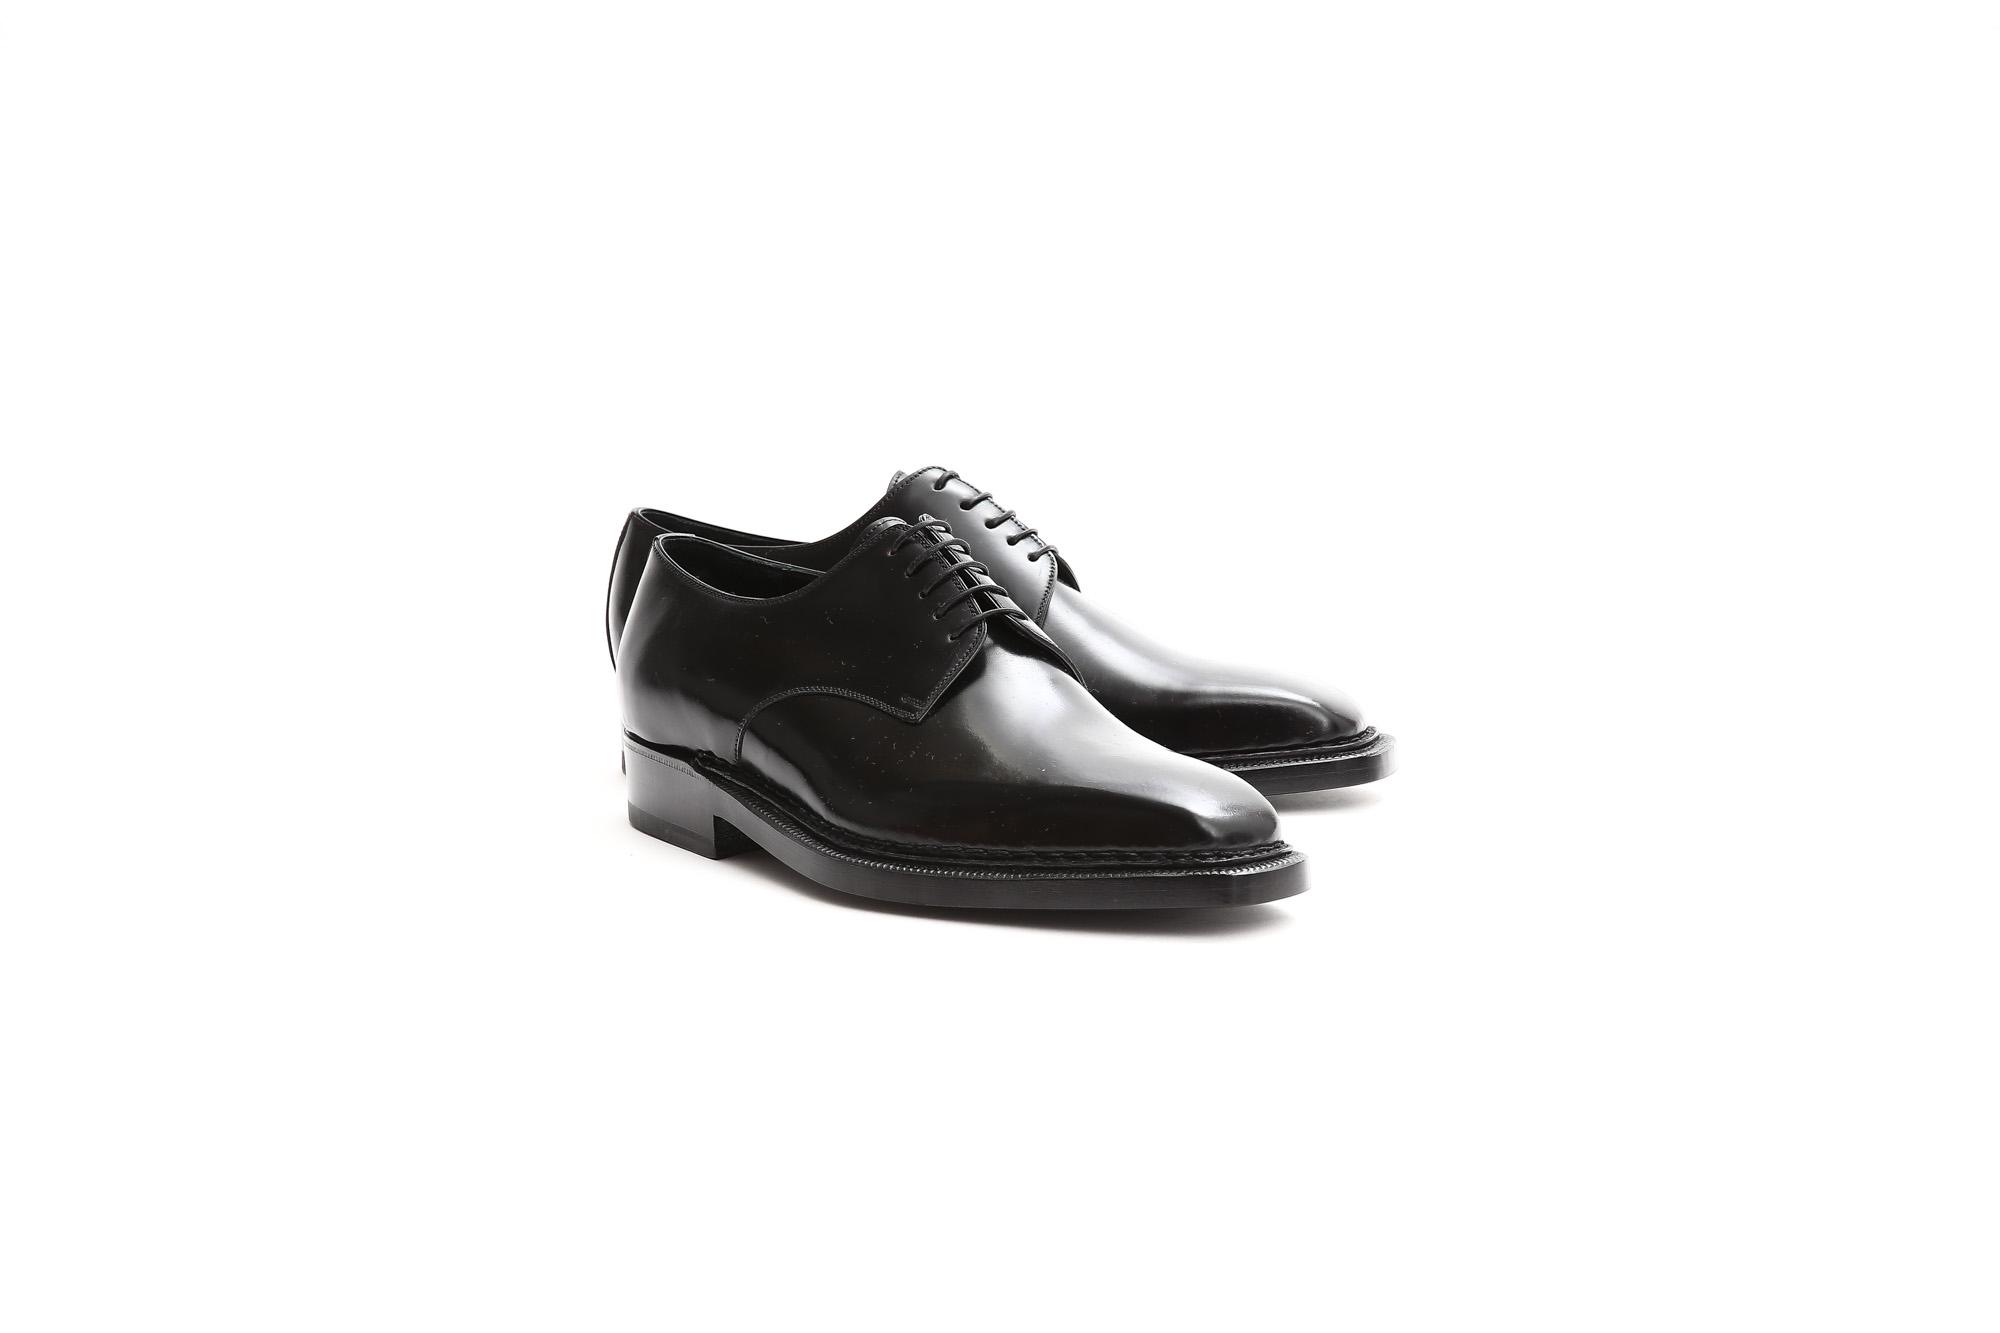 【ENZO BONAFE / エンツォボナフェ】 【3720】Plane Toe Dress Shoes プレーントゥー Horween Shell Cordovan leather ホーウィンシェル コードバンレザー コードヴァンドレスシューズ NERO(ブラック) made in italy (イタリア製) 2017 秋冬新作 enzobonafe エンツォボナフェ 愛知 名古屋 ZODIAC ゾディアック 5.5,6,6.5,7,7.5,8,8.5,9,9.5